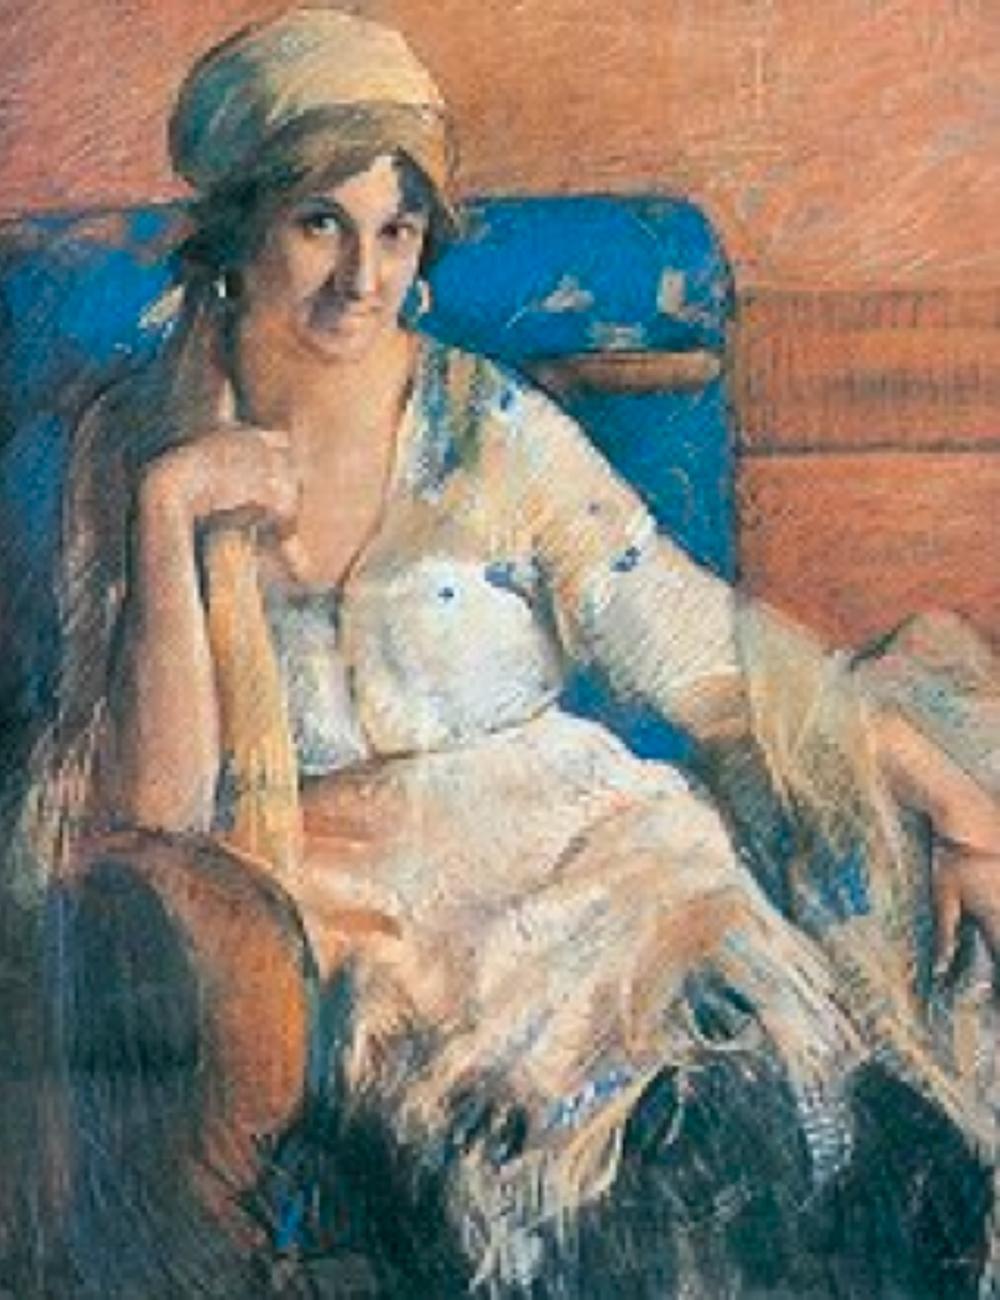 Güzide Duran'ın Portresi, 1921 Tual üzerine pastel - 107 x 87 cm (Antik A.Ş. Arşivi)